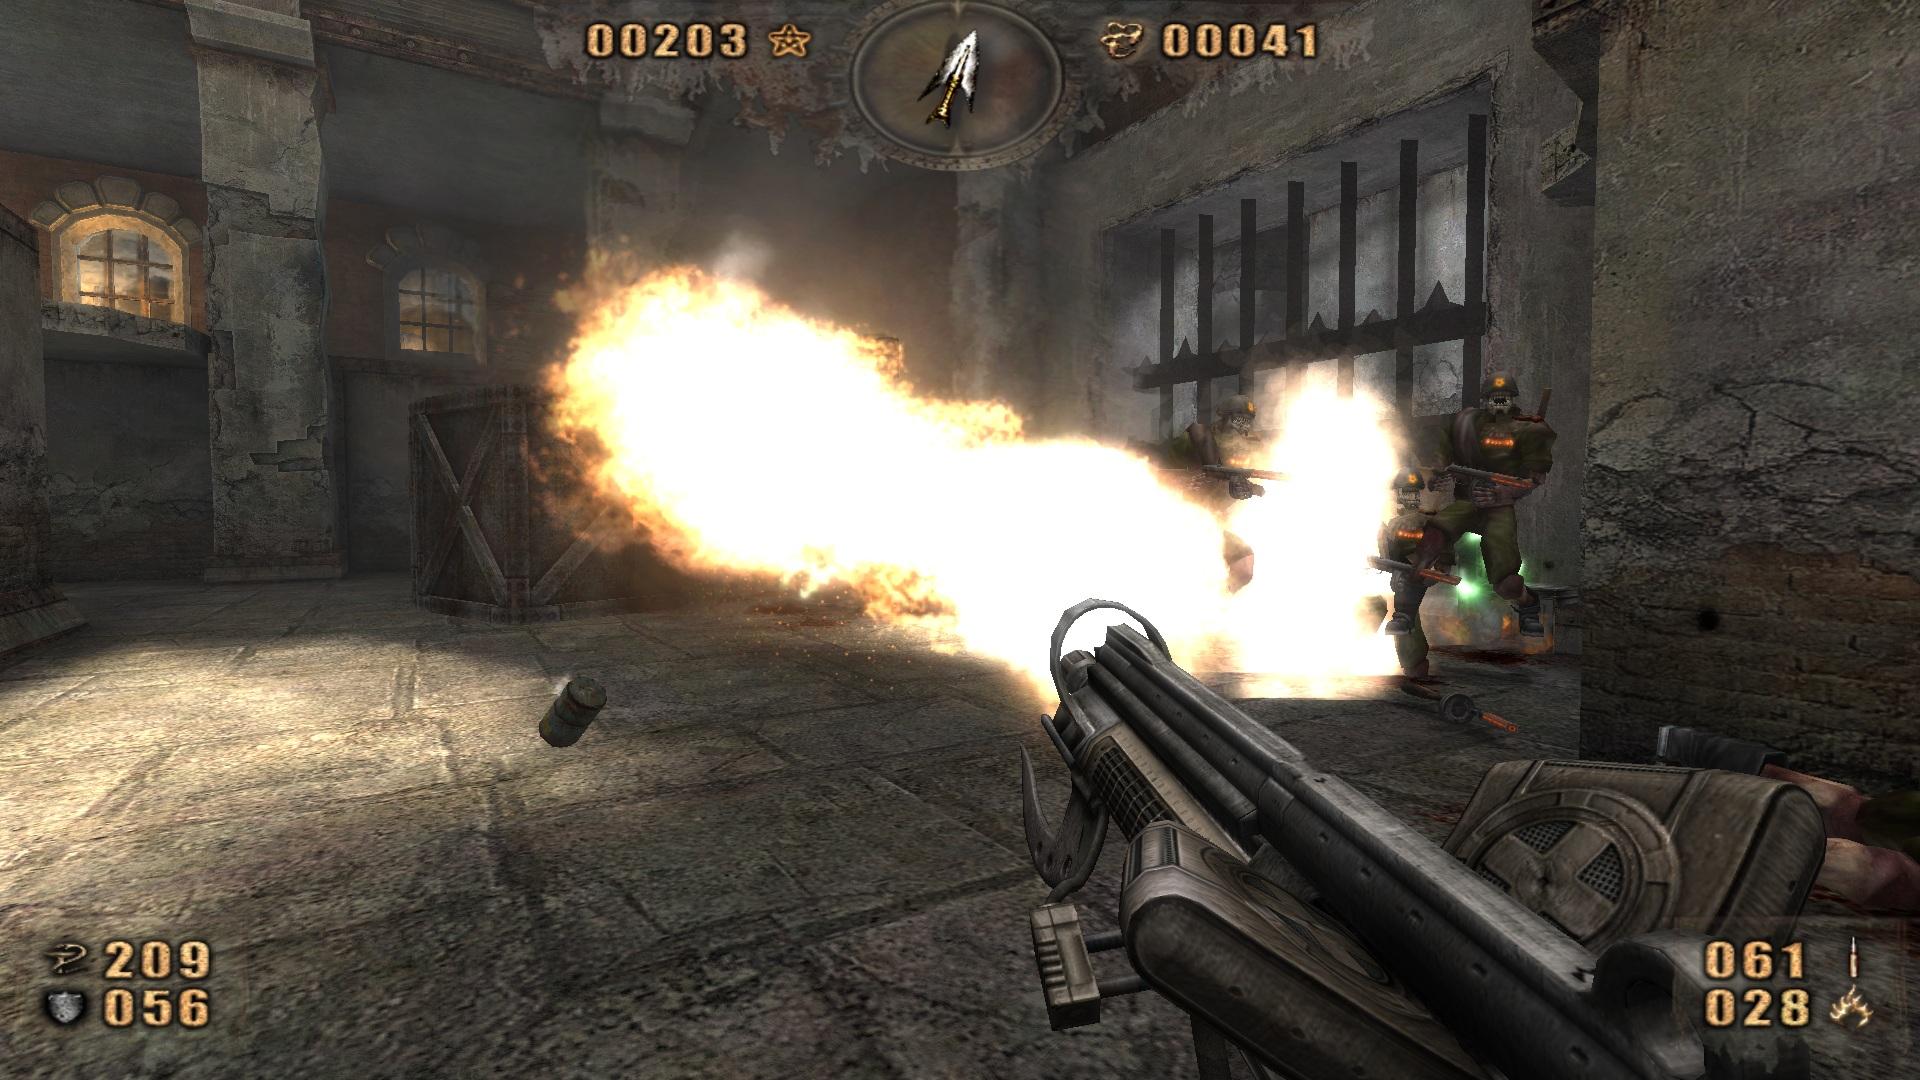 Painkiller Redemption screenshot